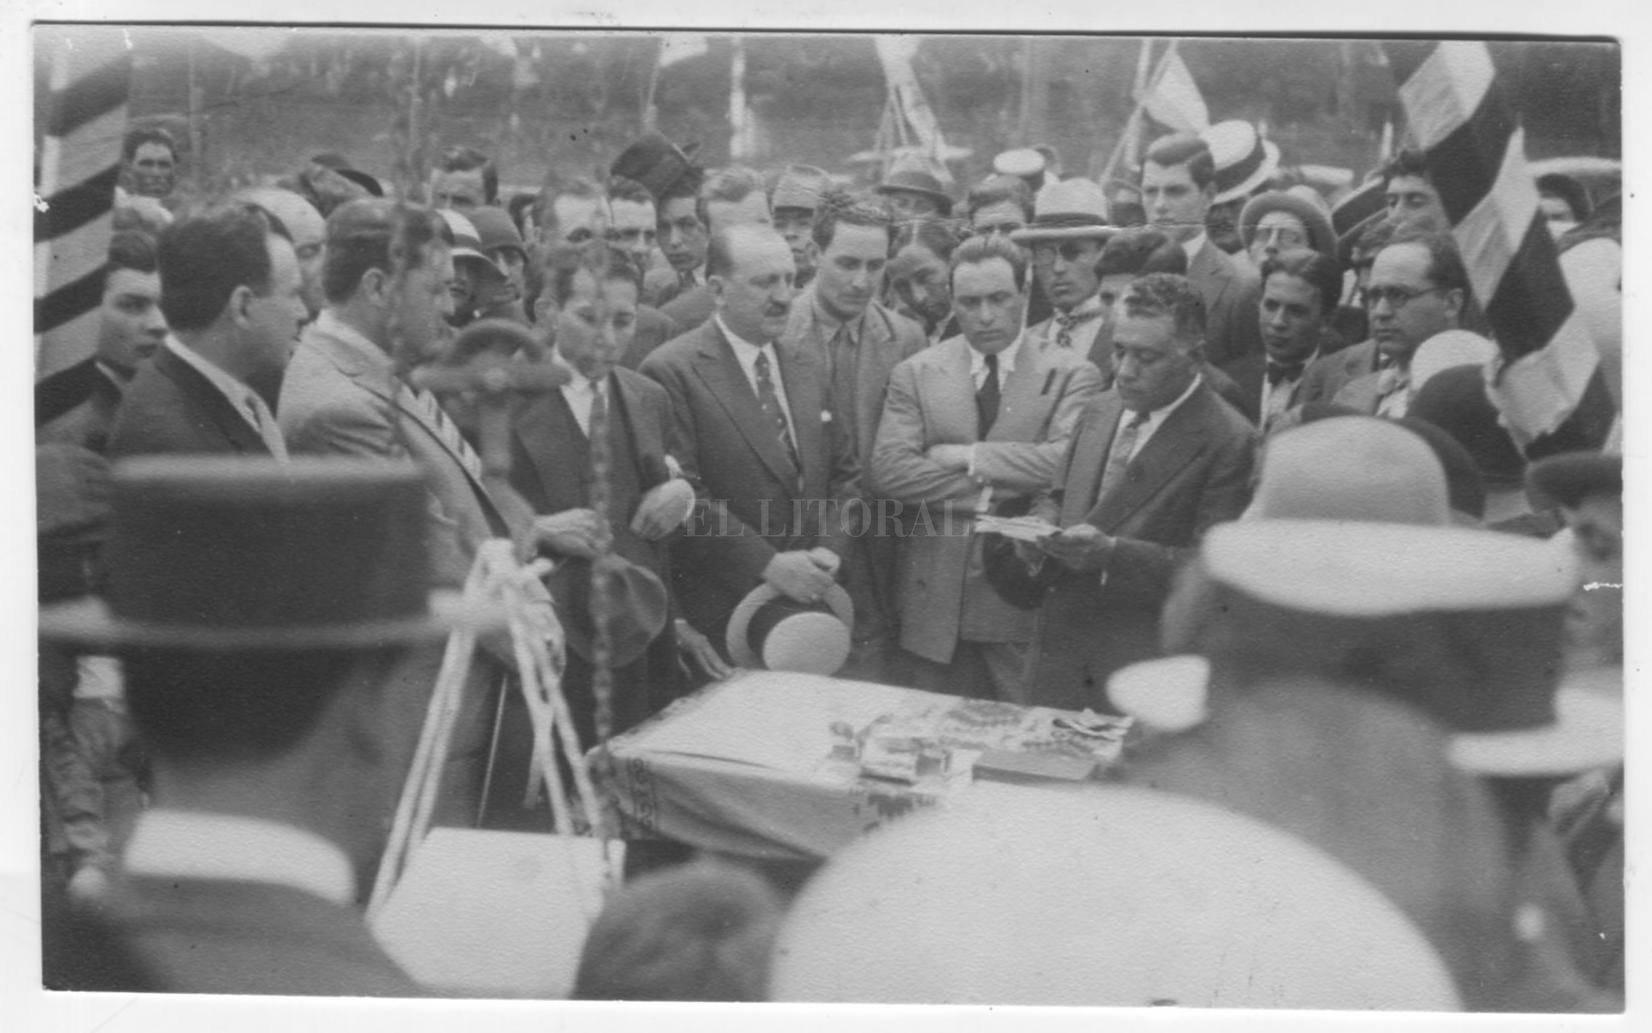 Unión (1928) colocación de la piedra fundamental de la actual cancha de Bulevar Pellegrini y San Lorenzo. El Dr Luis Ramírez leyendo el discurso.  Crédito: Archivo El Litoral